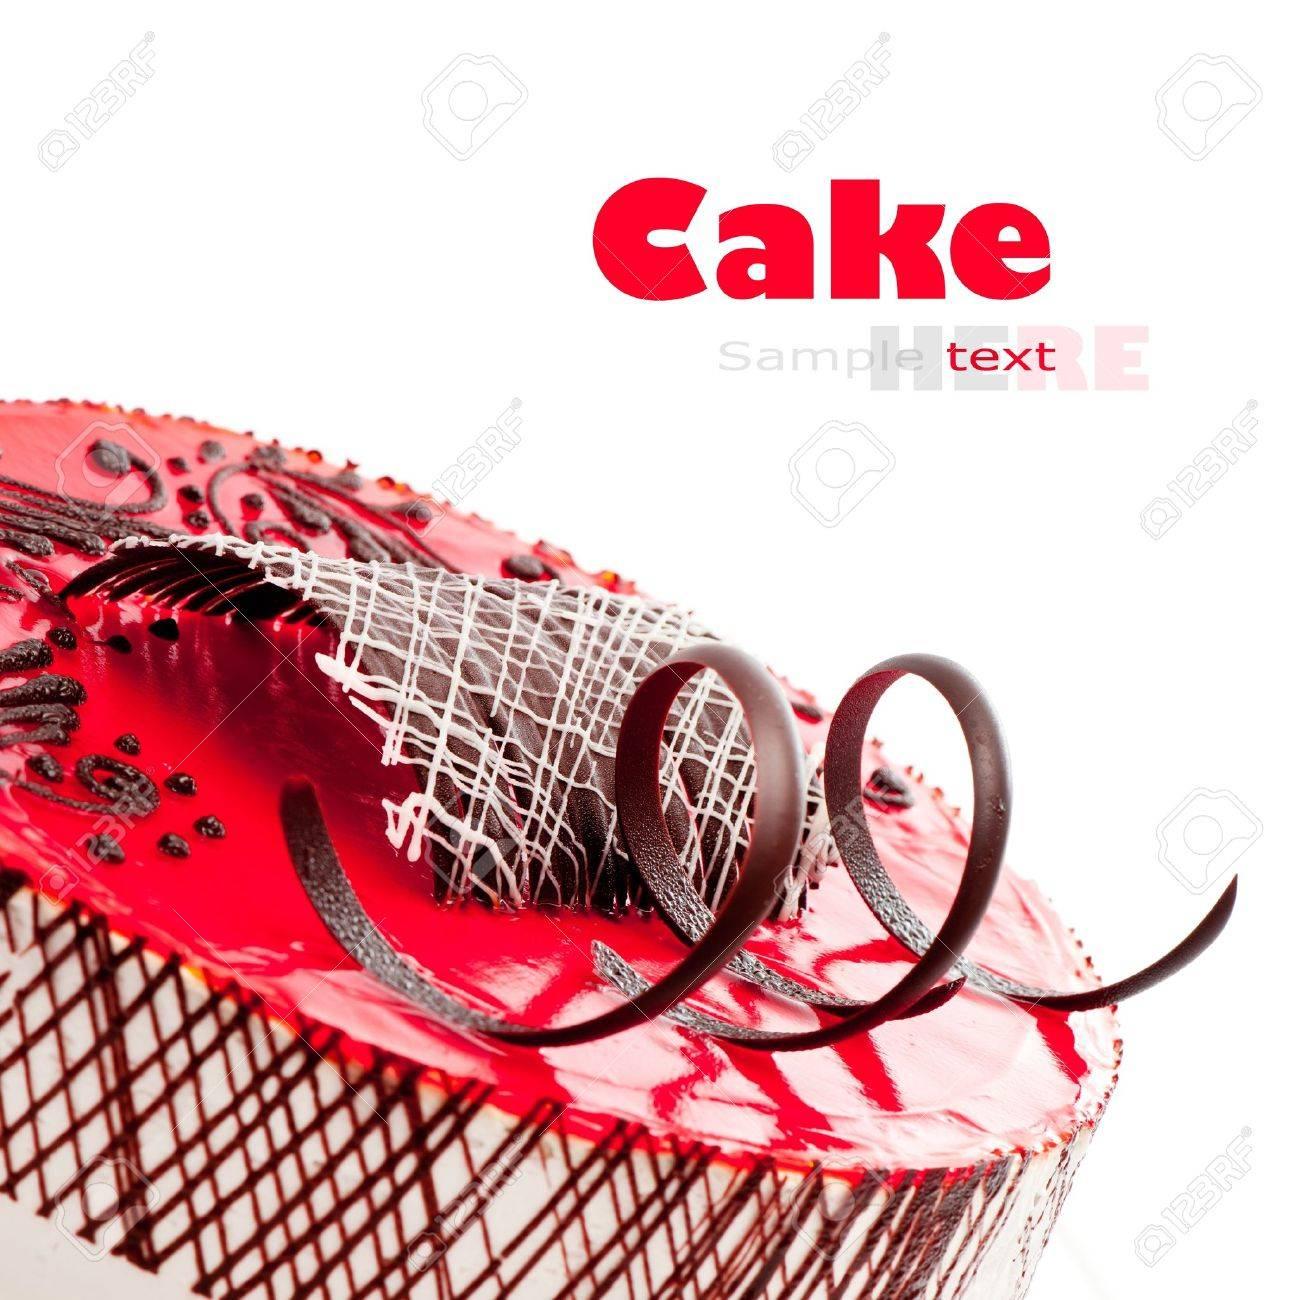 strawberry cake ower white background Stock Photo - 14308310